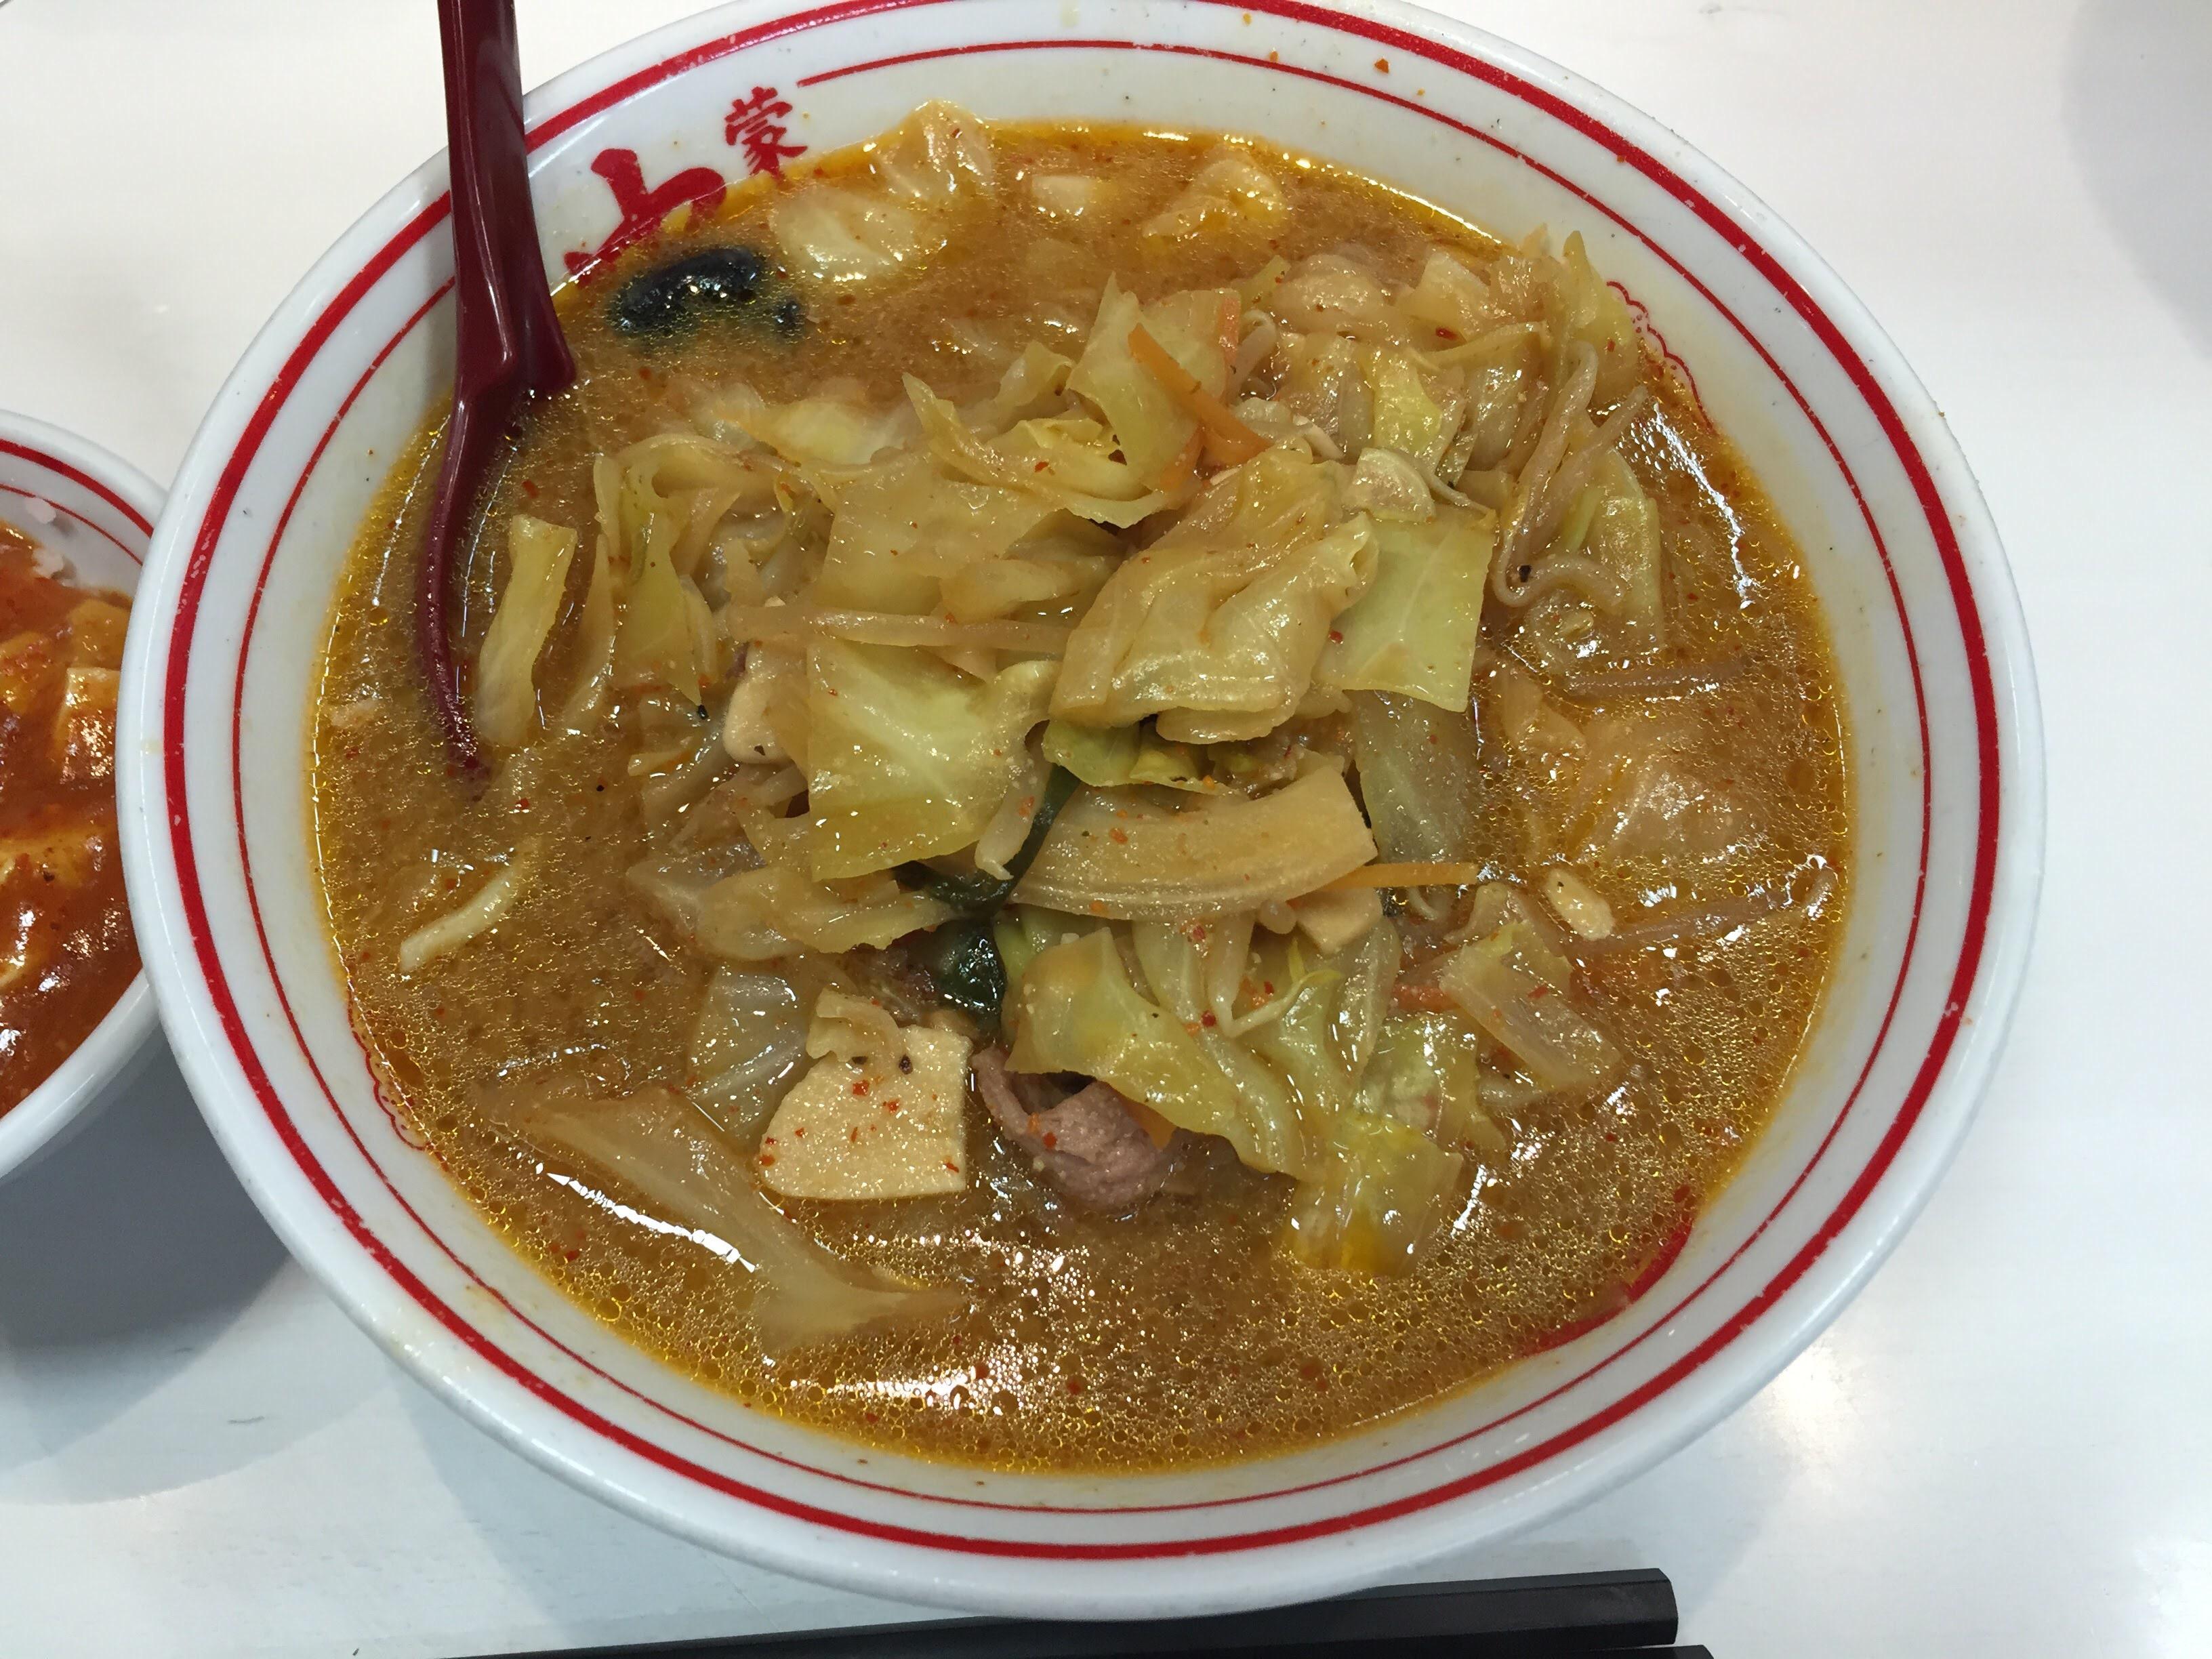 唐辛子マークをきちんと数えて注文しよう!「蒙古タンメン中本」は病みつきになる辛ウマさ。タオルハンカチは必須です!